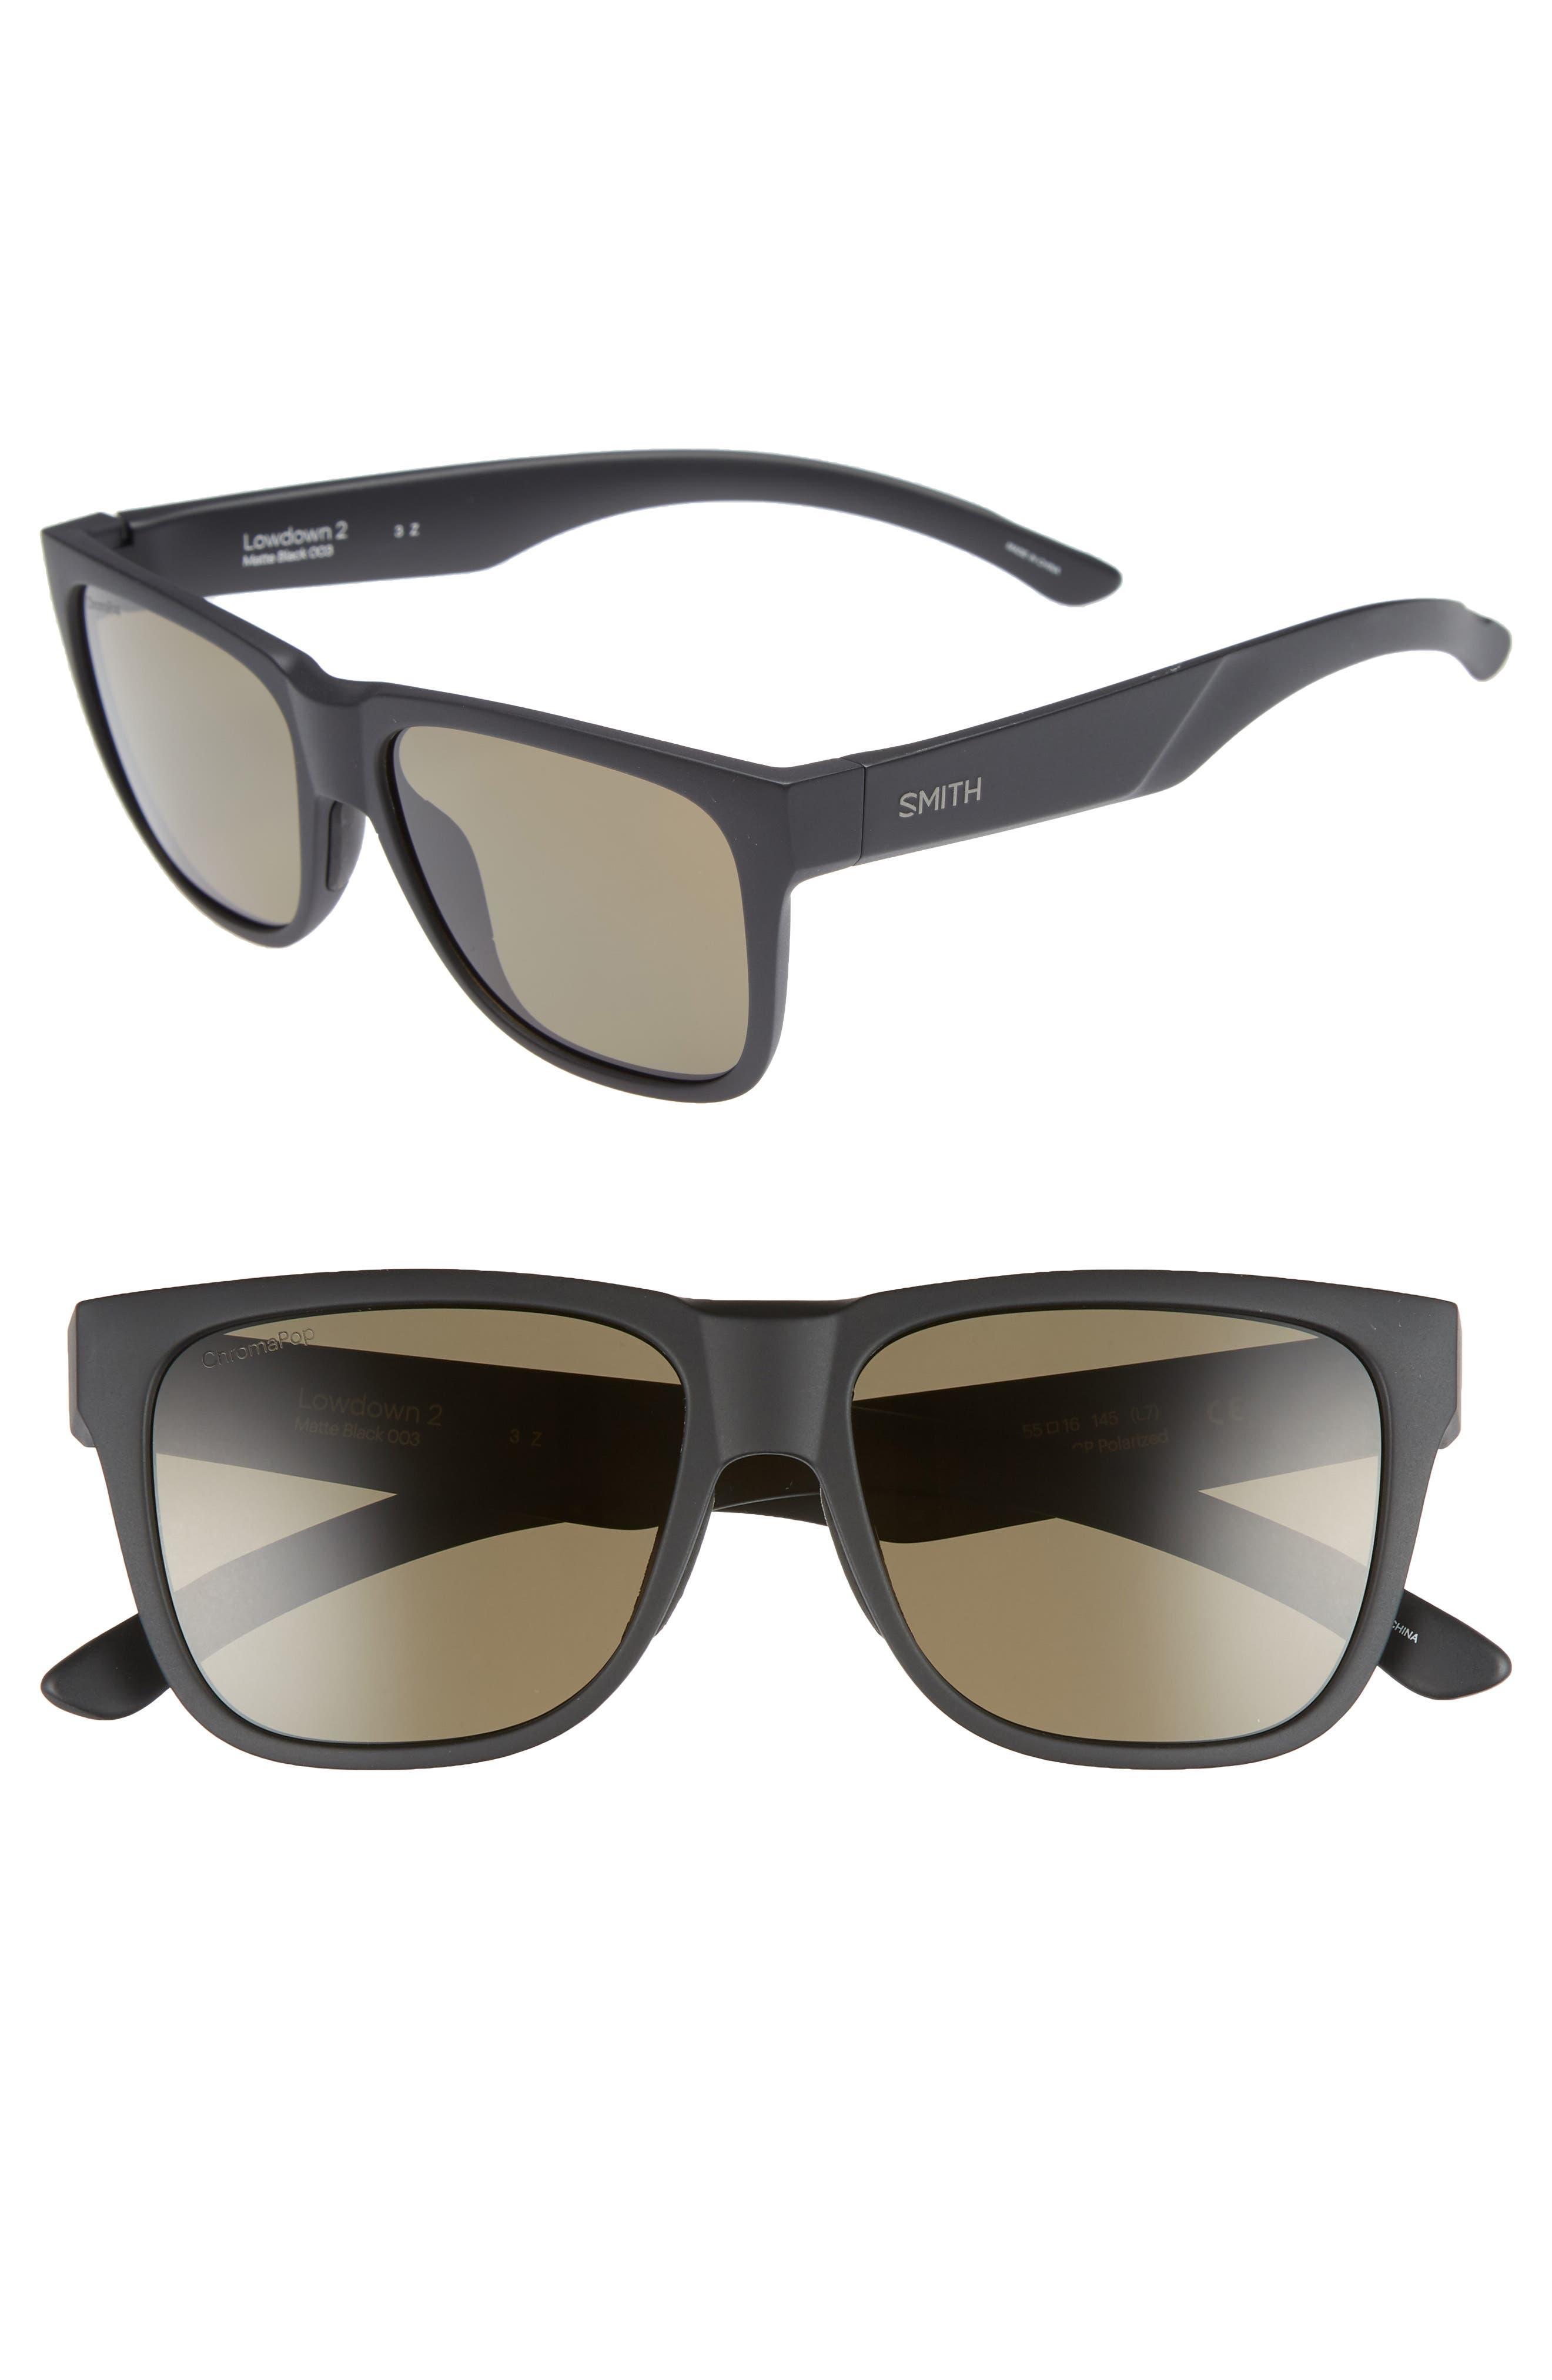 Smith Lowdown 2 55mm ChromaPop™ Polarized Sunglasses